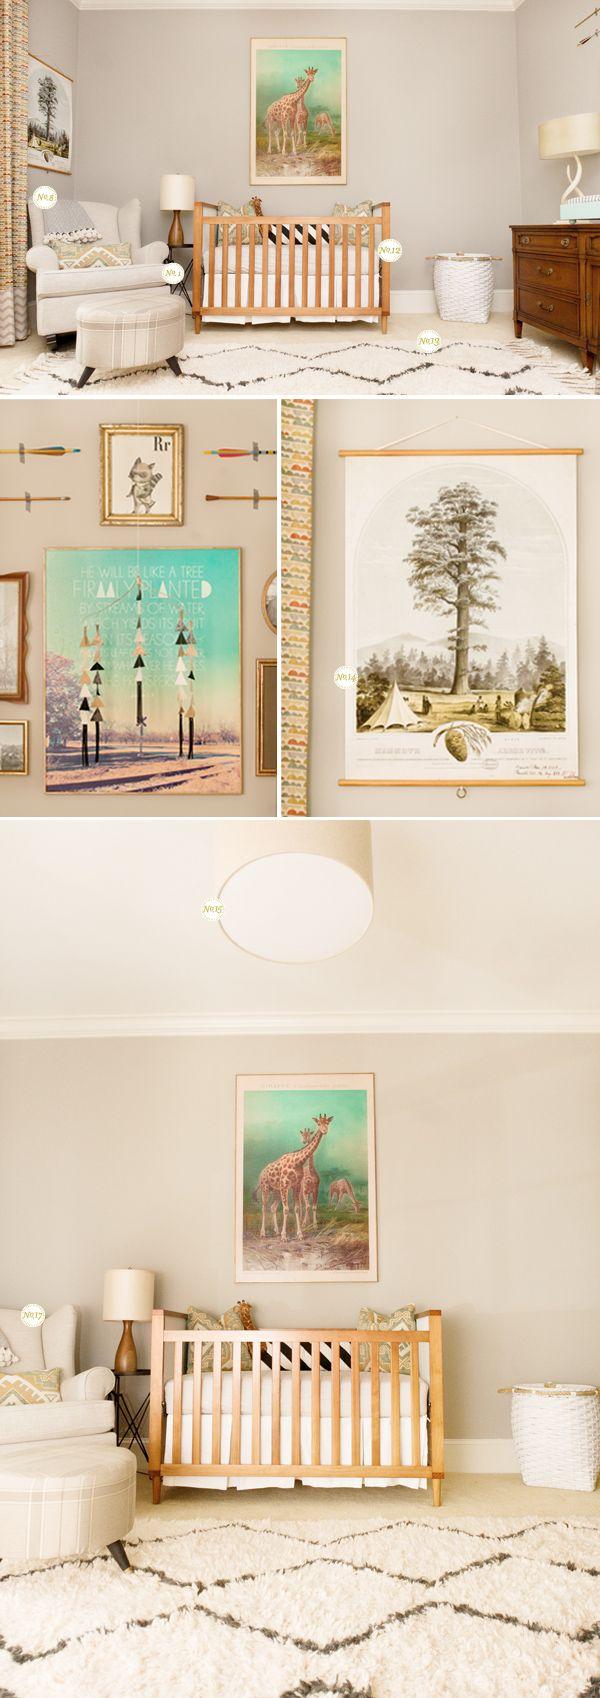 best nursery decor ideas images on pinterest child room